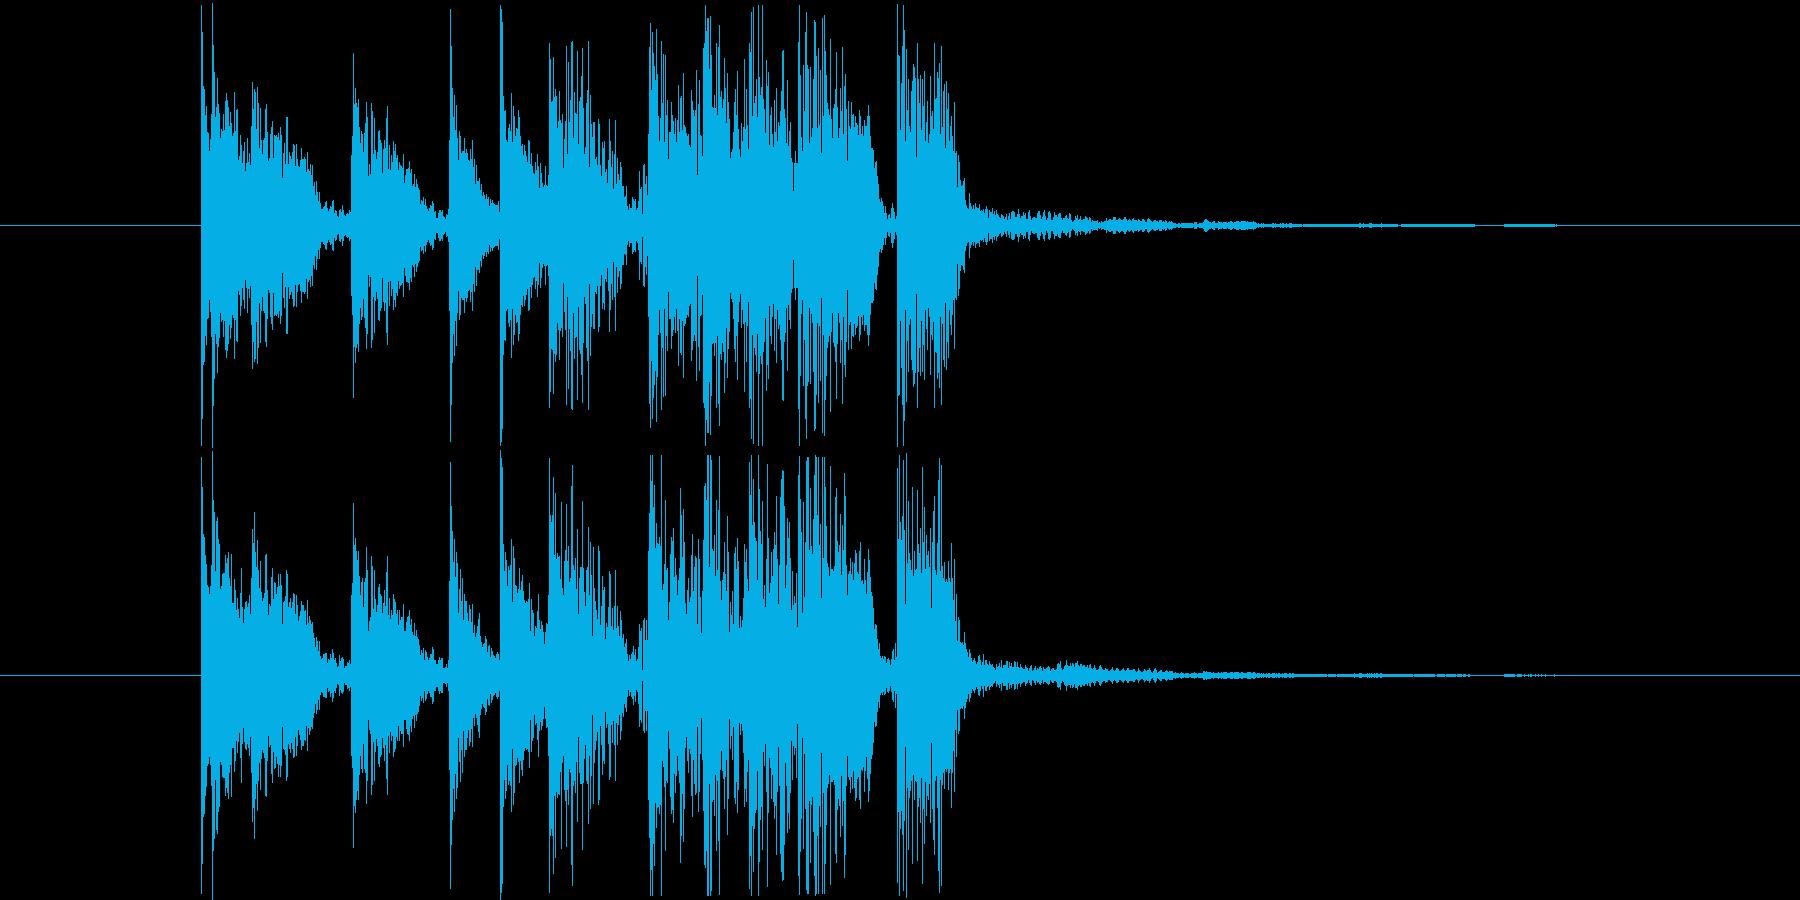 エレキギターの低音が印象的なジングルの再生済みの波形